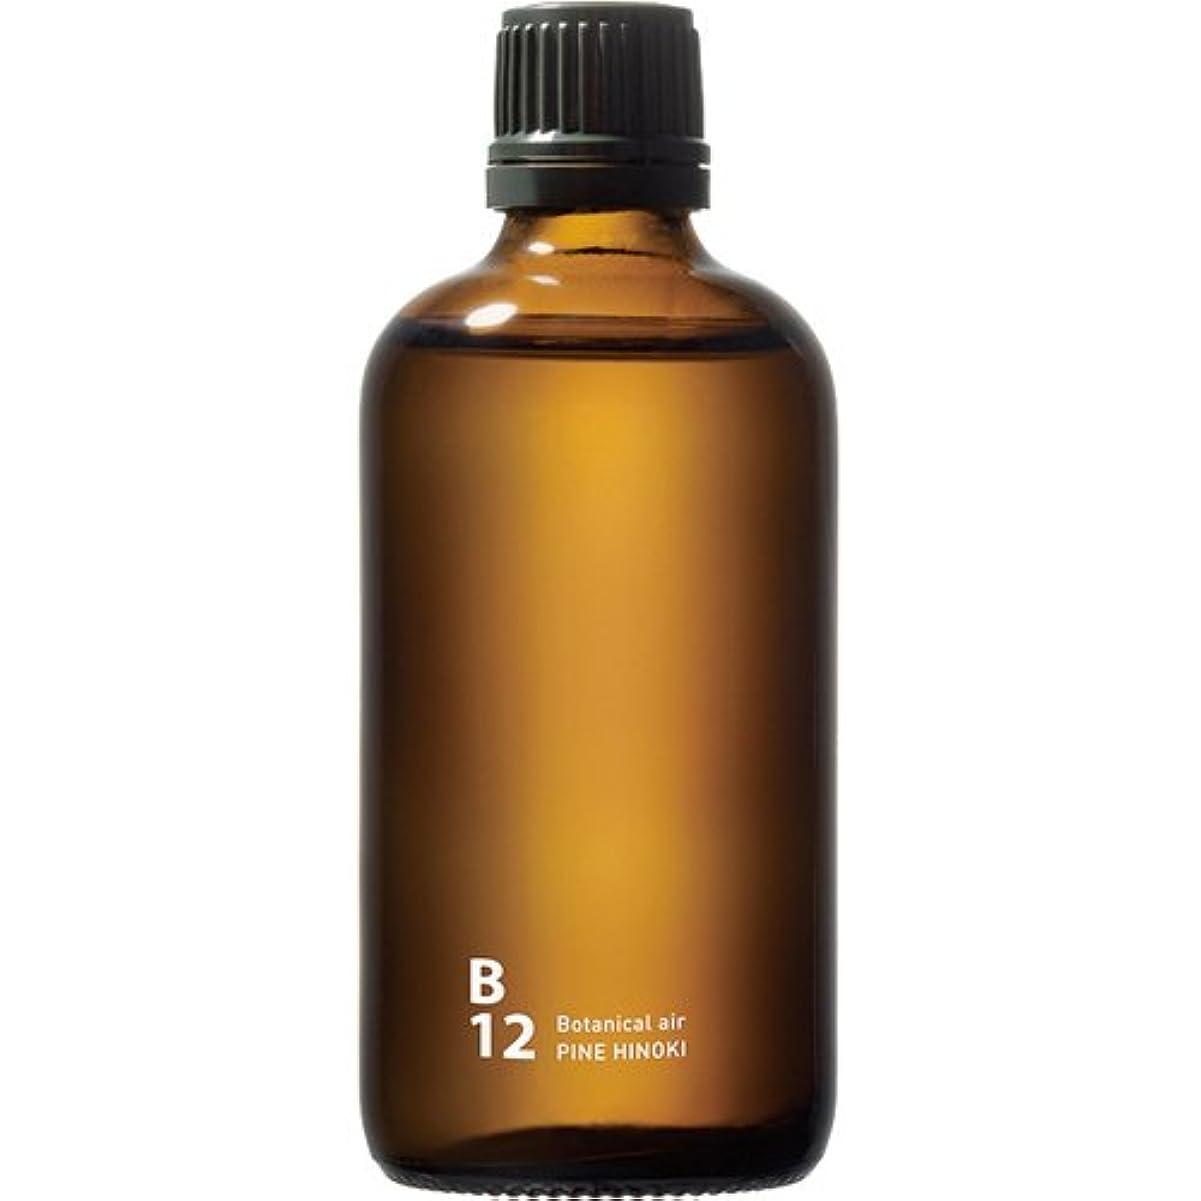 合体混合届けるB12 PINE HINOKI piezo aroma oil 100ml